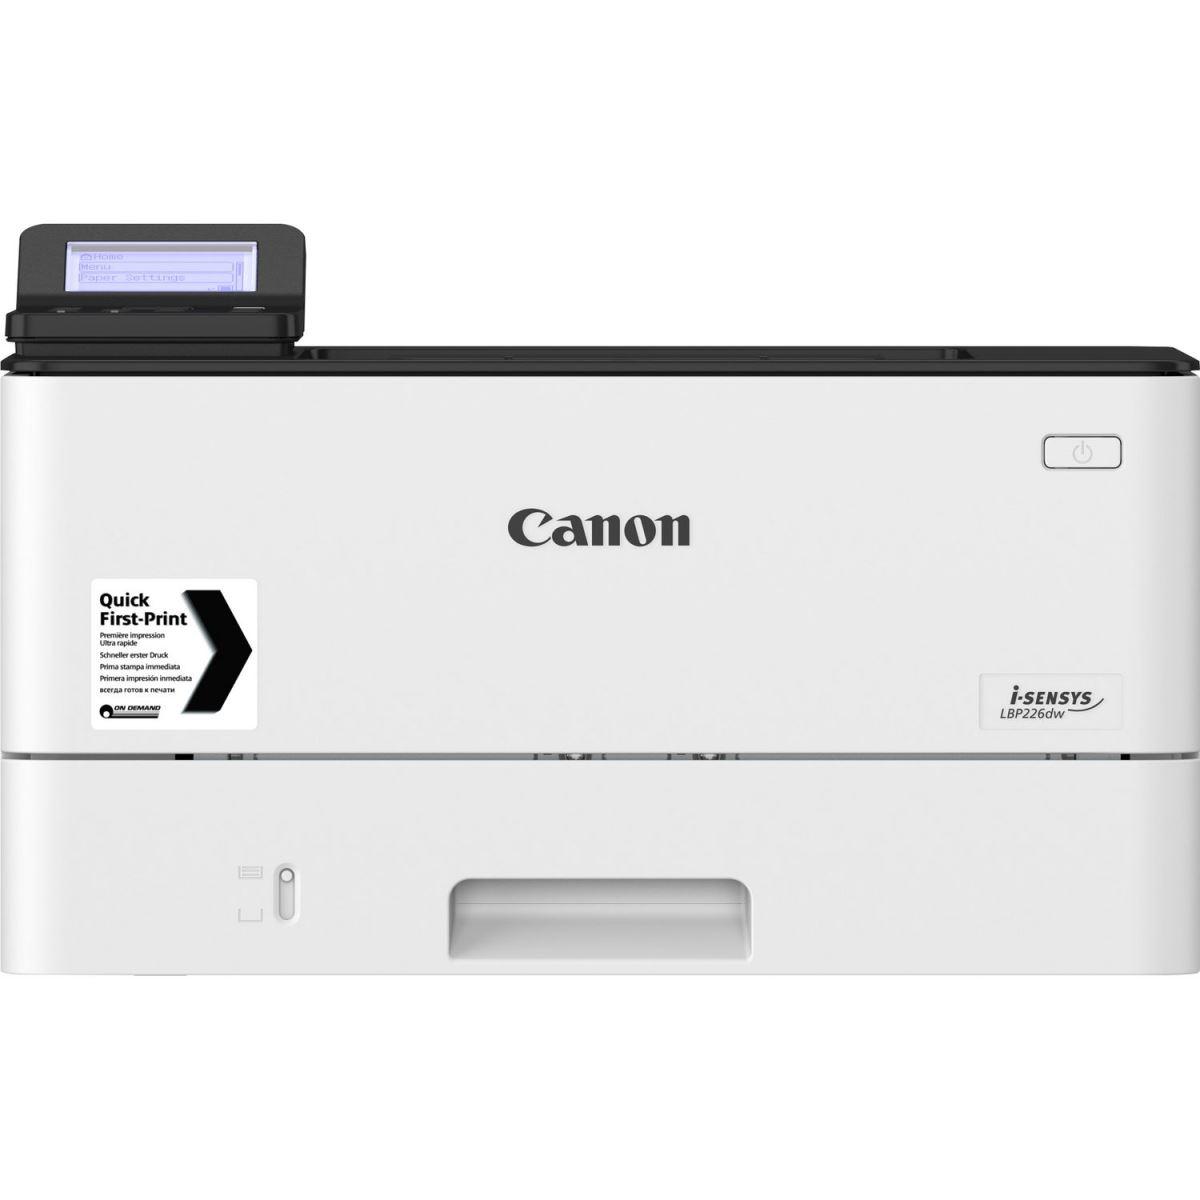 Máy in đen trắng Canon 226dw thiết kế nhỏ gọn, hiện đại